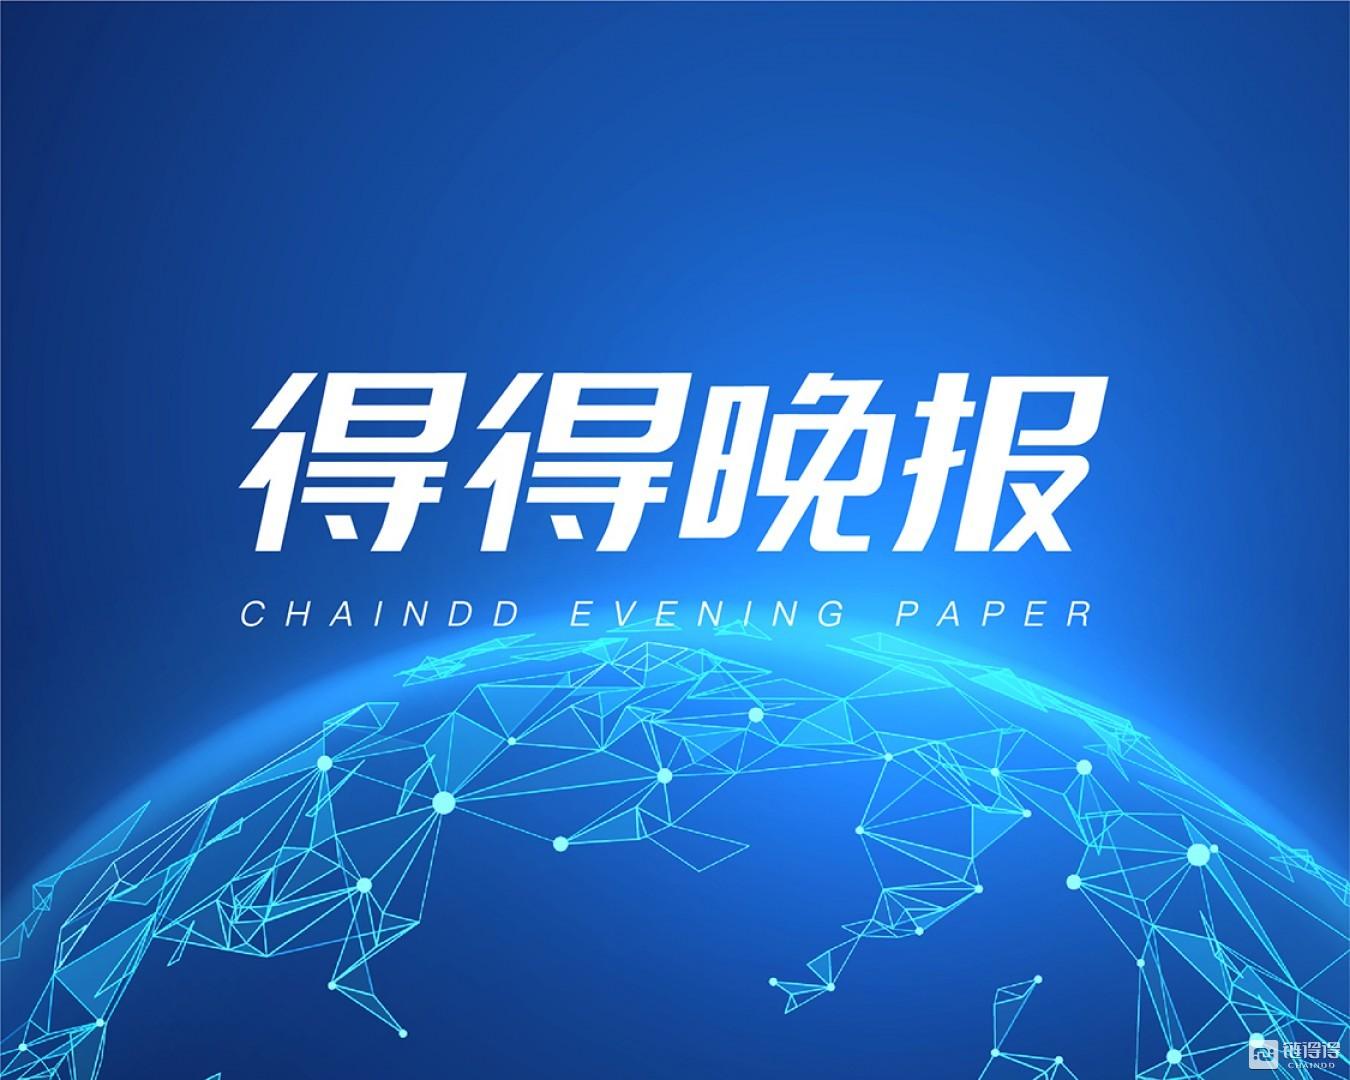 【链得得晚报】新华社:数字货币概念被人熟知,金融科技正回归金